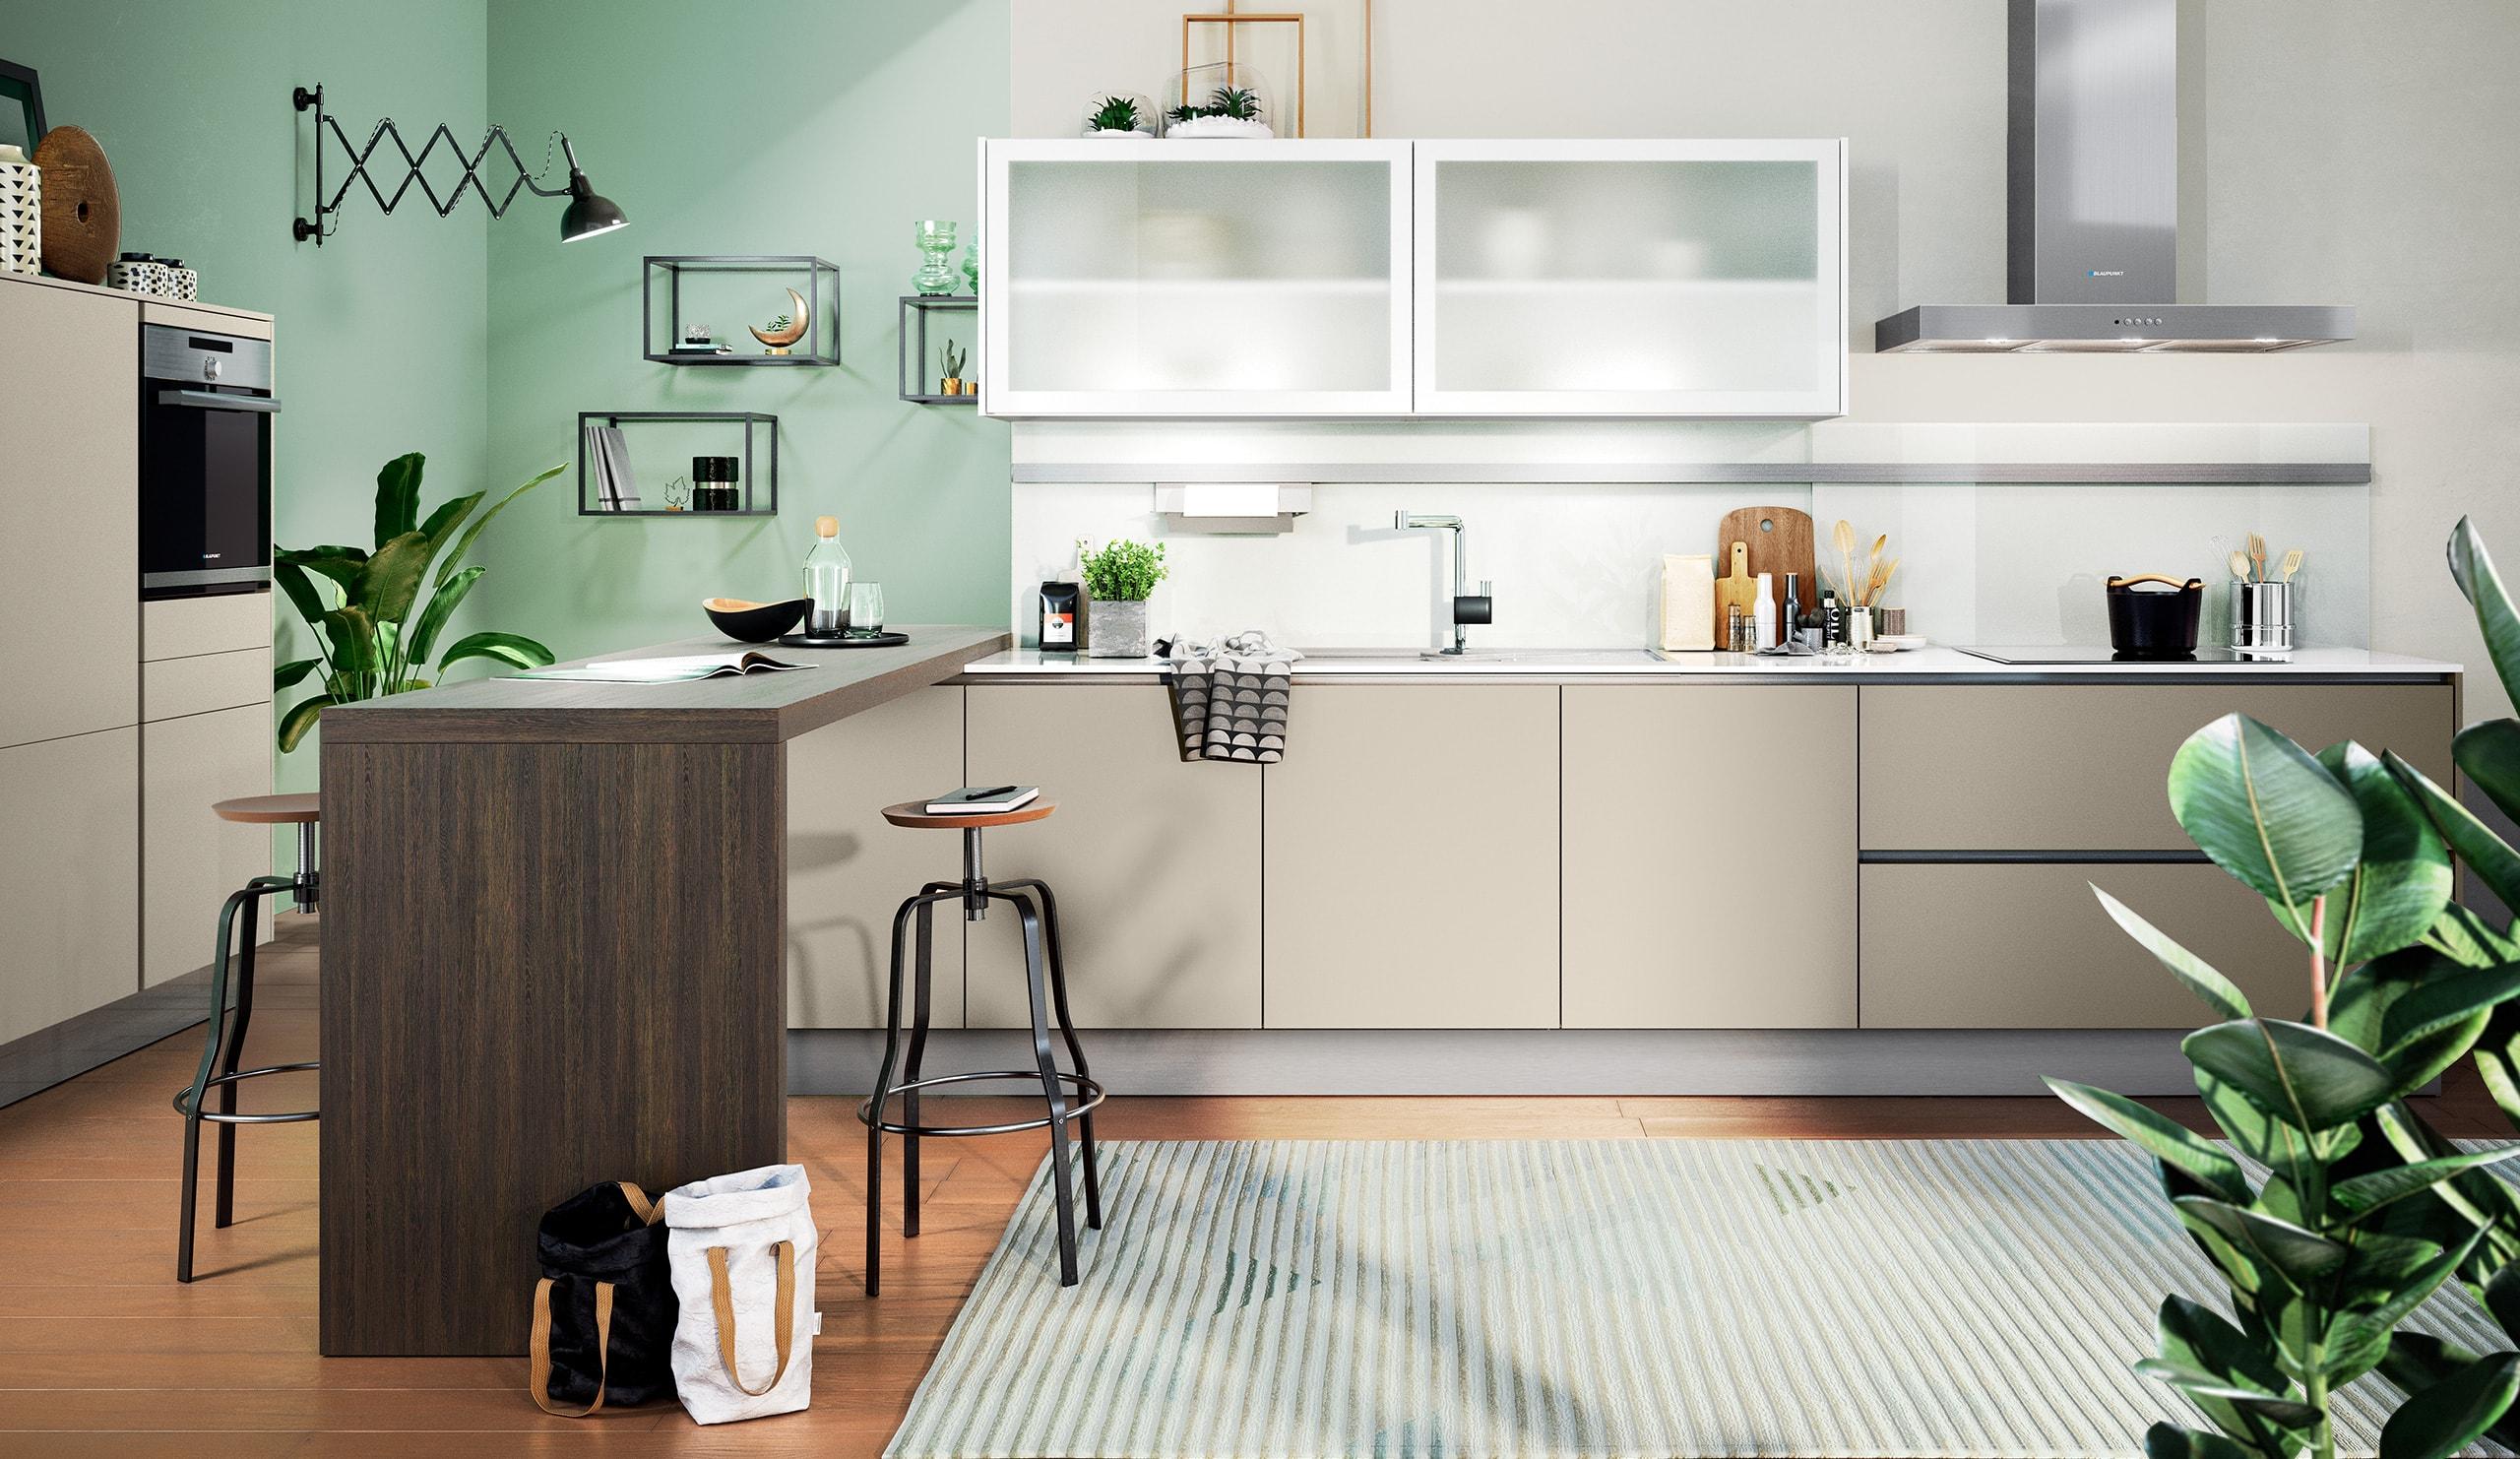 Full Size of Moderne Einbaukche Classica 1240 Kaschmir Kchenquelle Küchen Regal Wohnzimmer Küchen Quelle